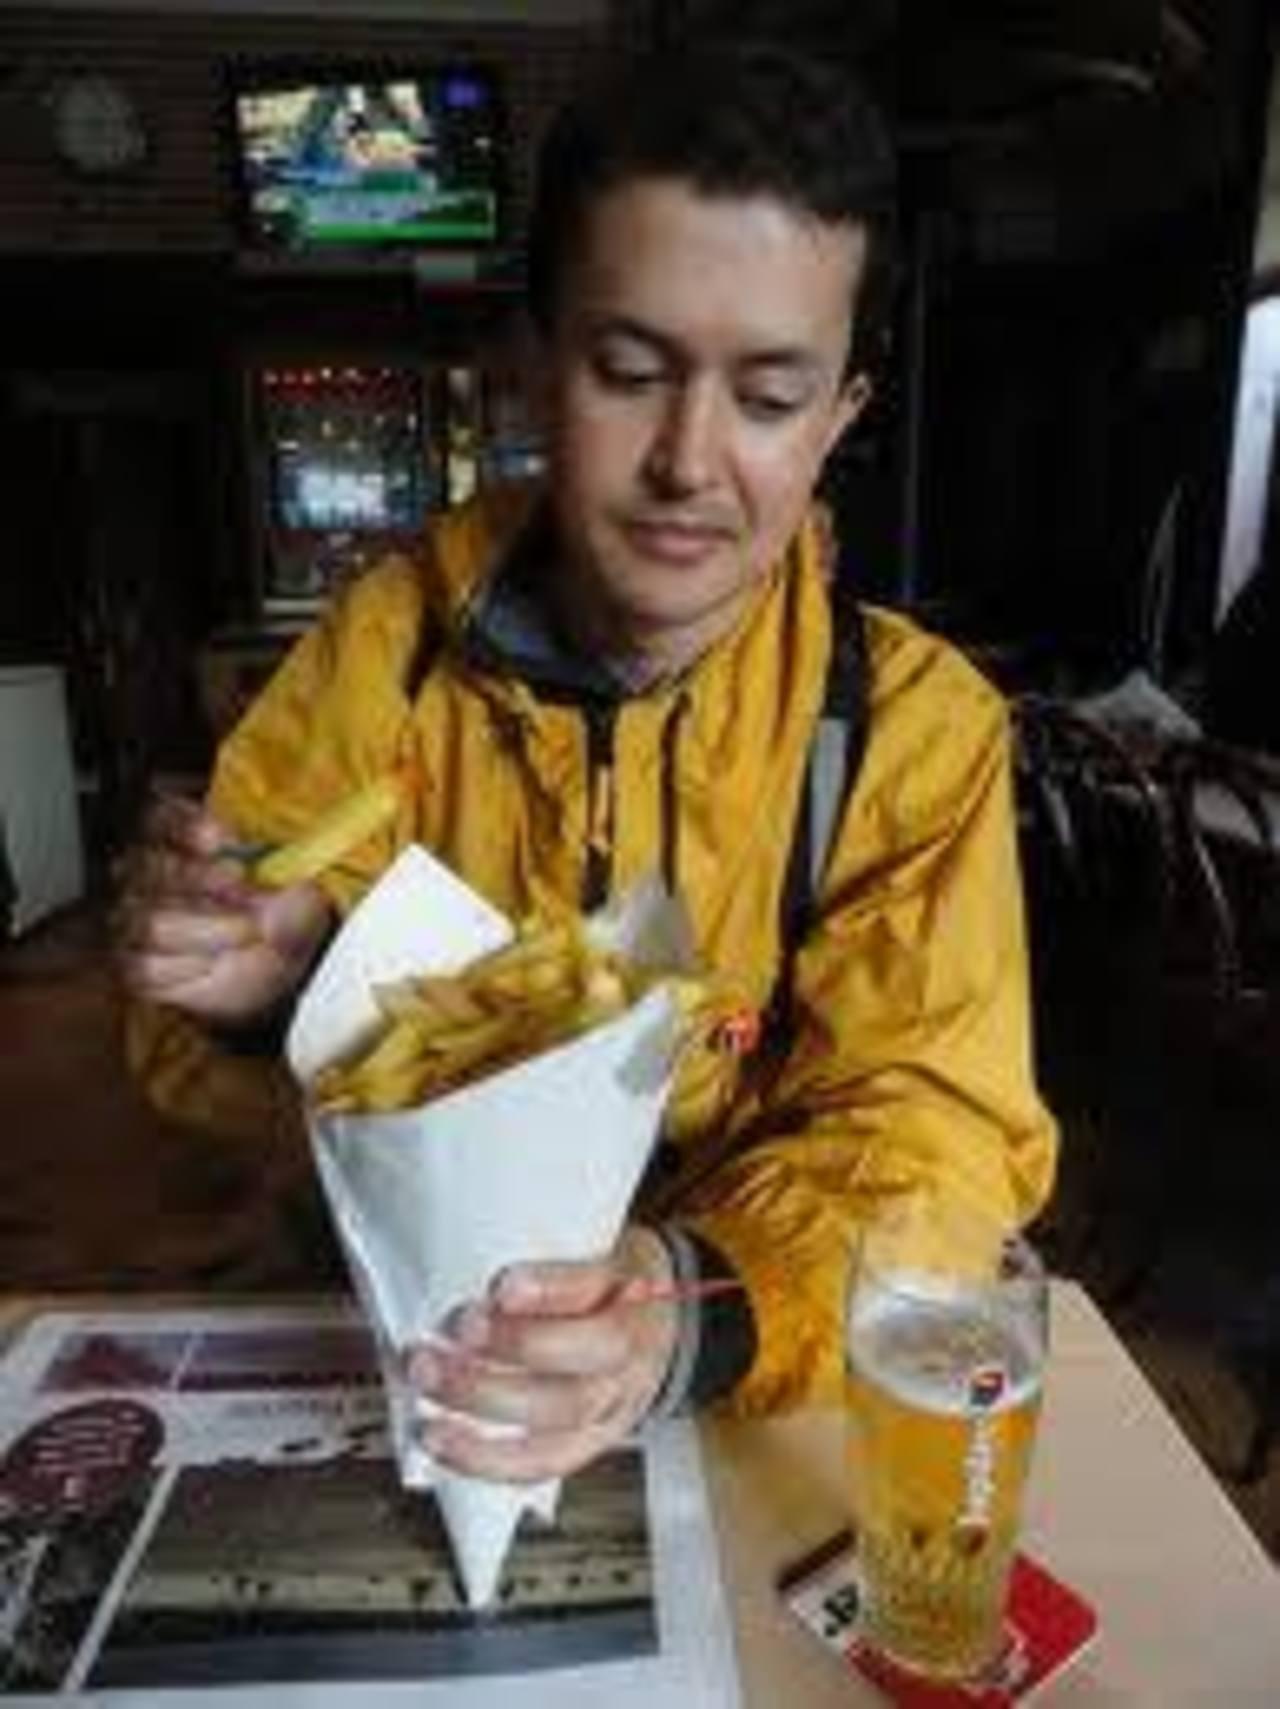 """Las papas fritas belgas se venden tradicionalmente en un """"fritkot"""", un establecimiento pequeño o un remolque, y se entregan al consumidor en un cono de papel."""